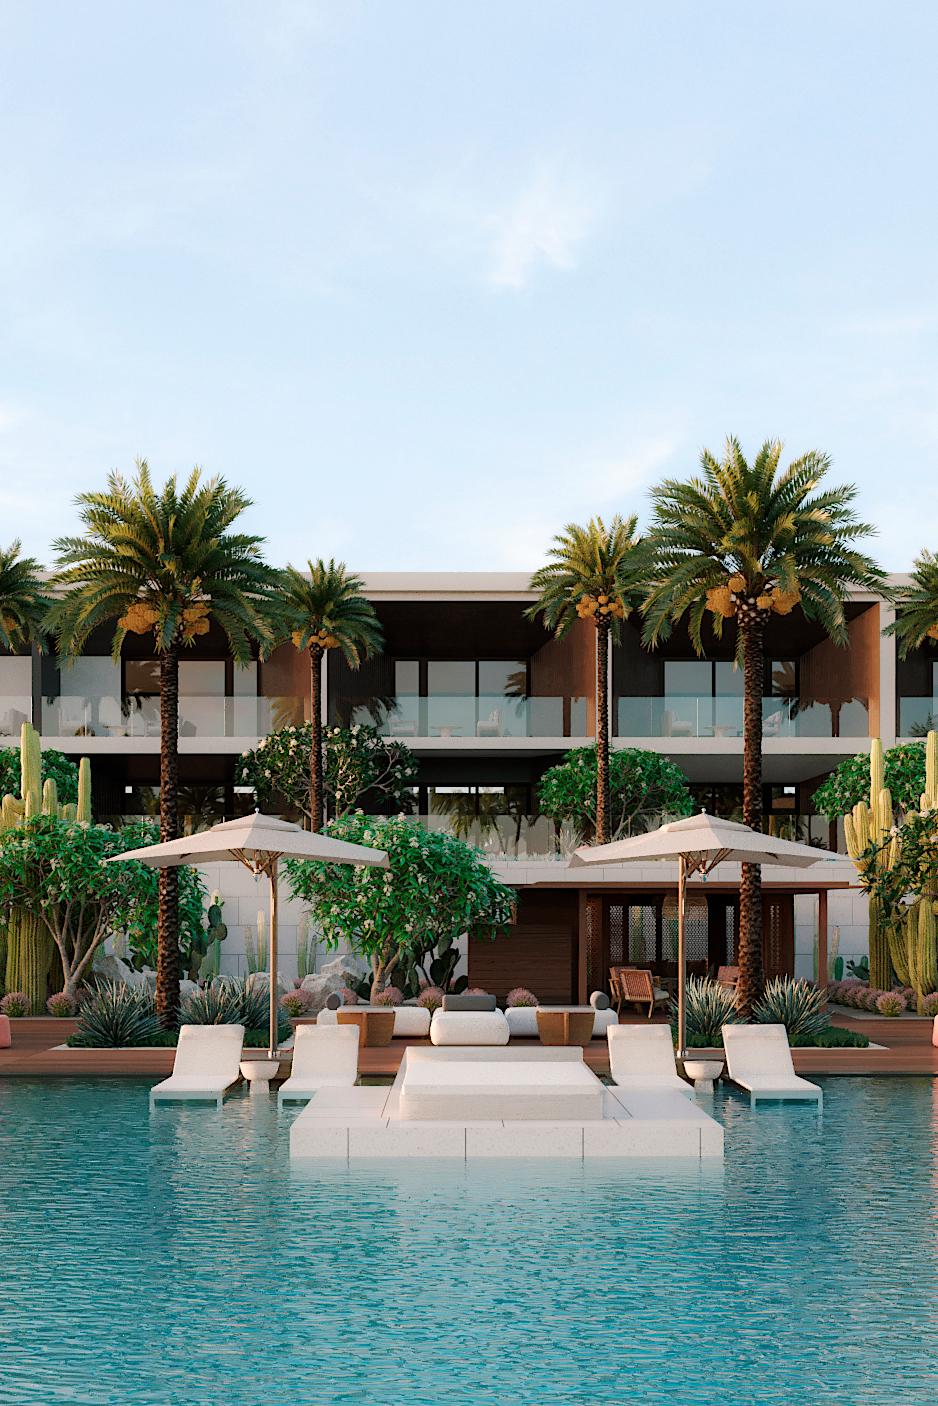 nobu hotel los cabos mexico opens its doors